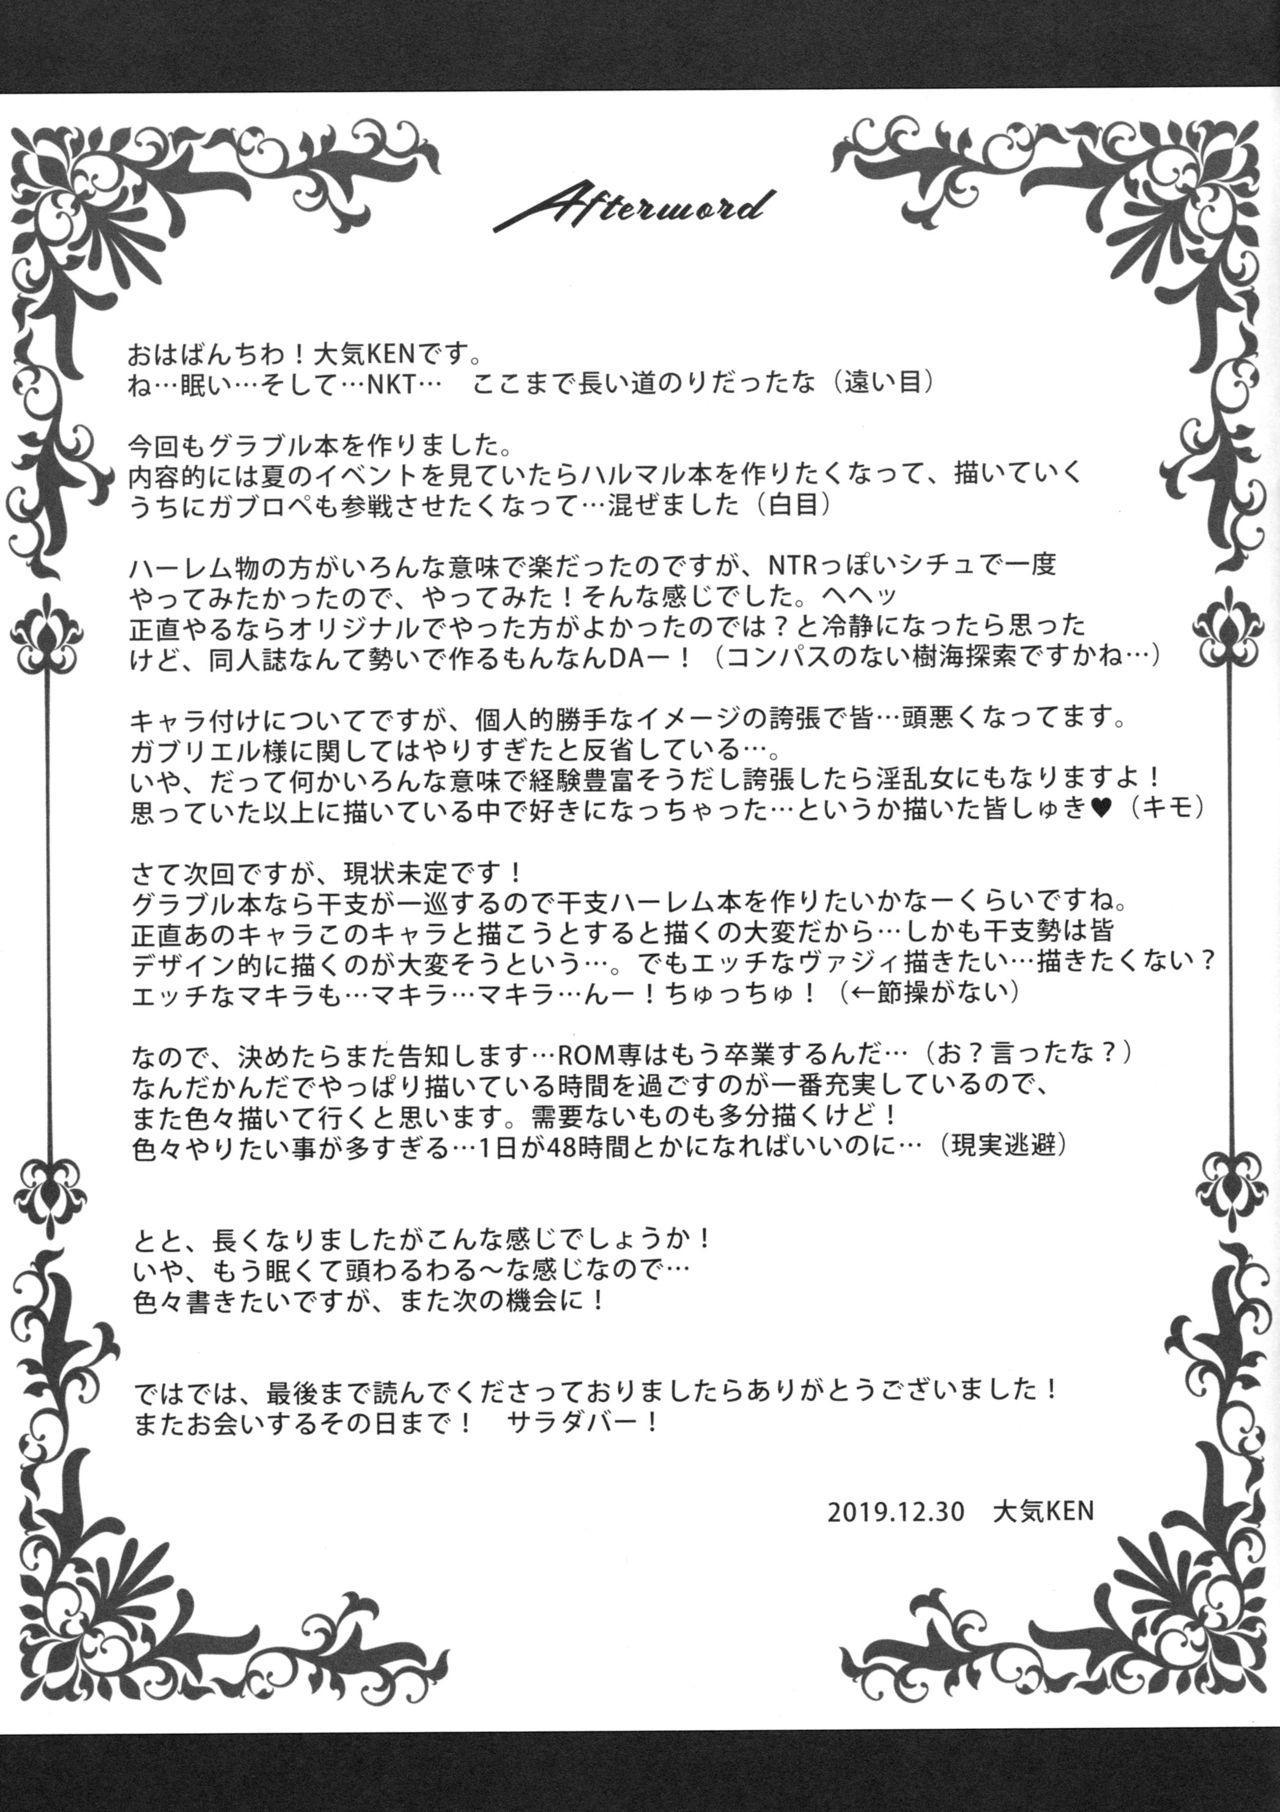 Tenshi to Shito no Himitsu na Vacances 19